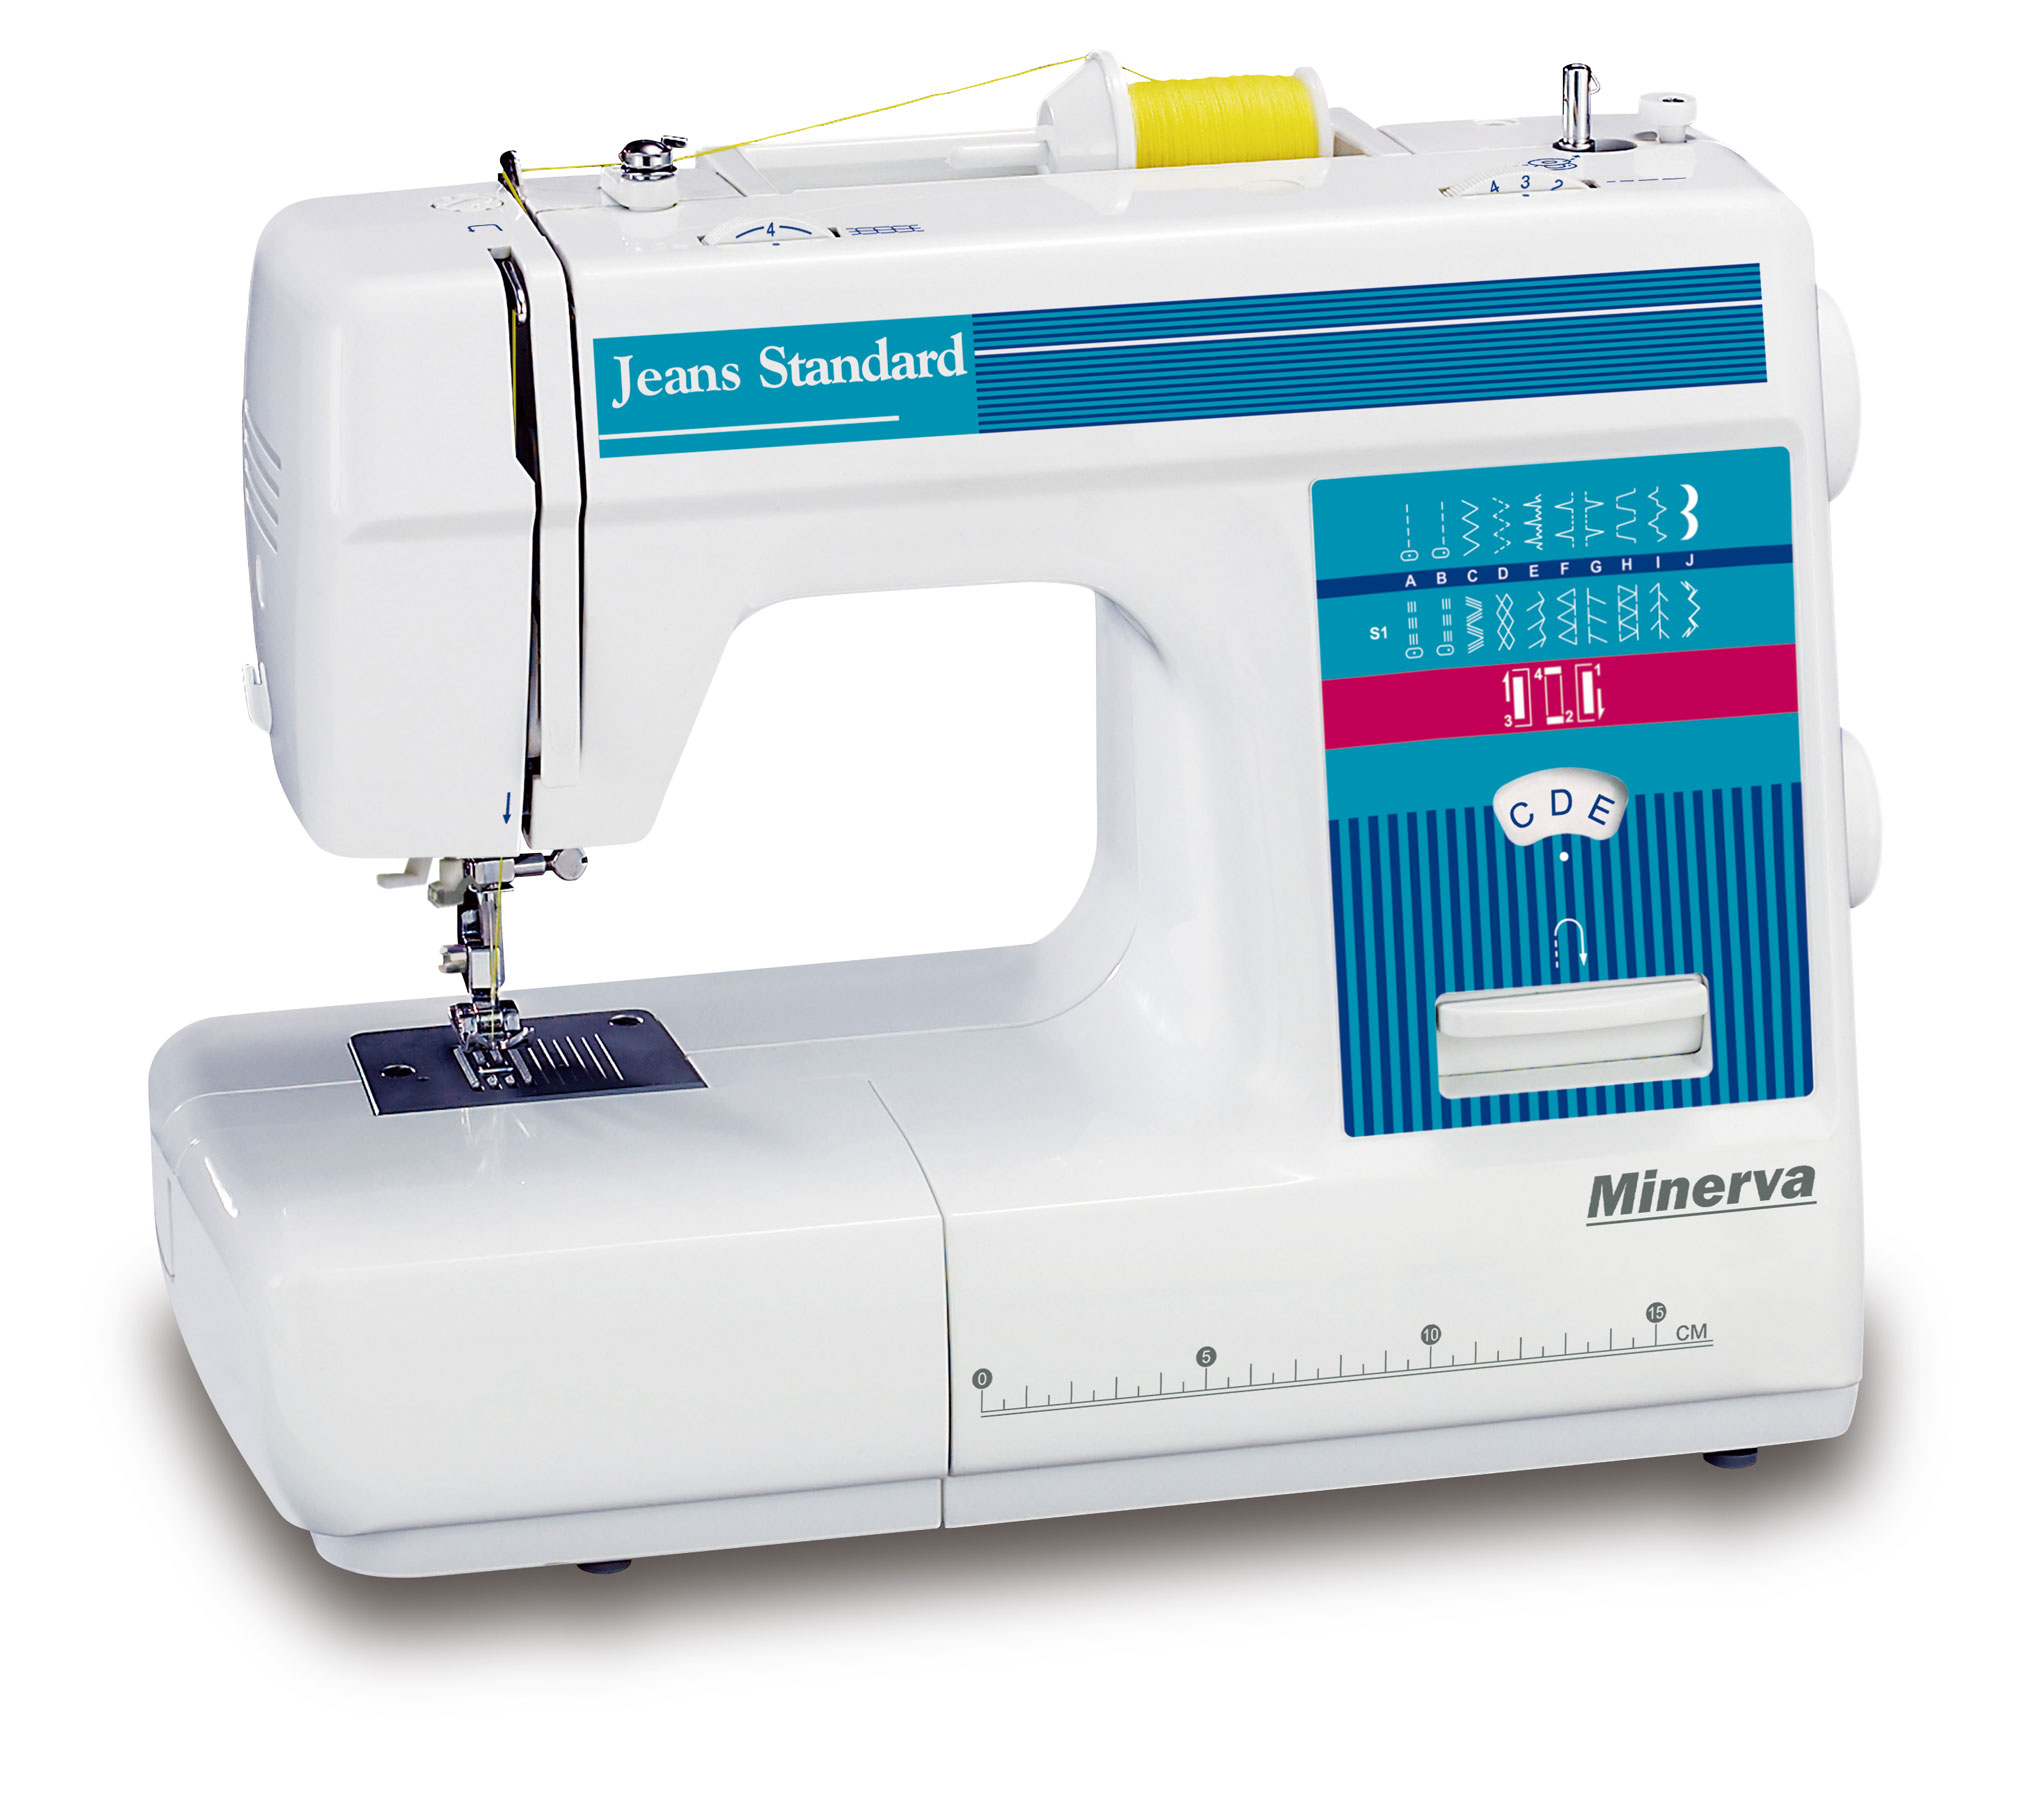 Новые модели швейных машин Minerva уже в продаже! - фото 4 - новость в интернет-магазине Sewgroup